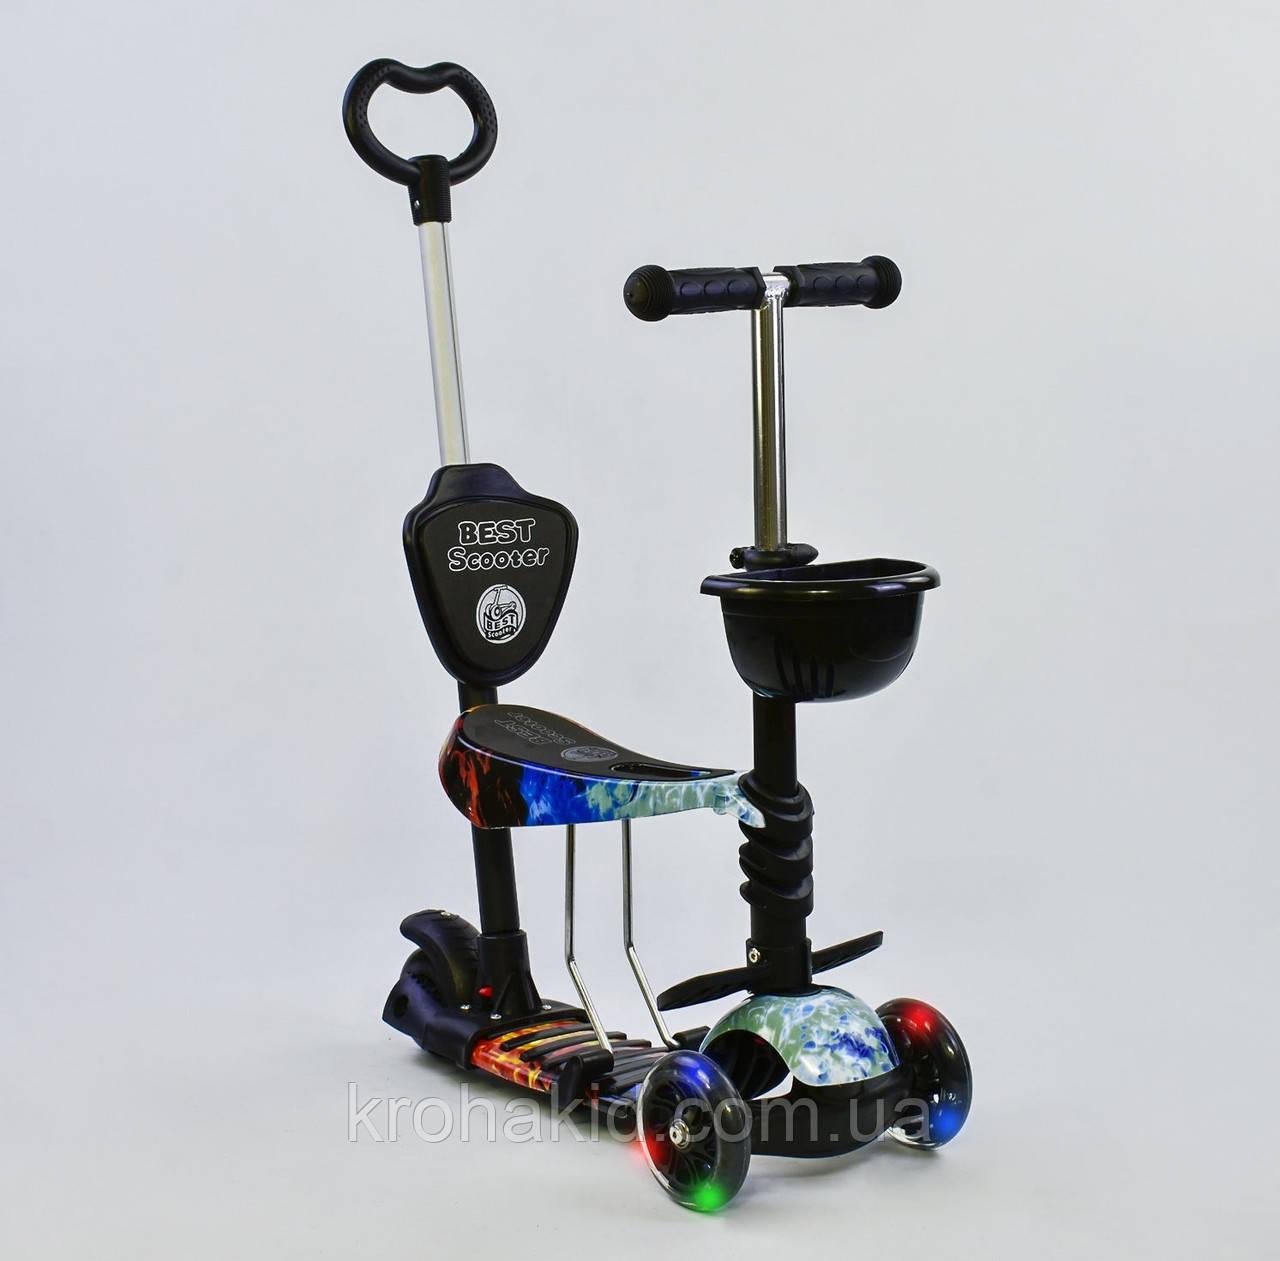 Самокат-беговел  5в1 21500  Best Scooter, АБСТРАКЦИЯ (черный)